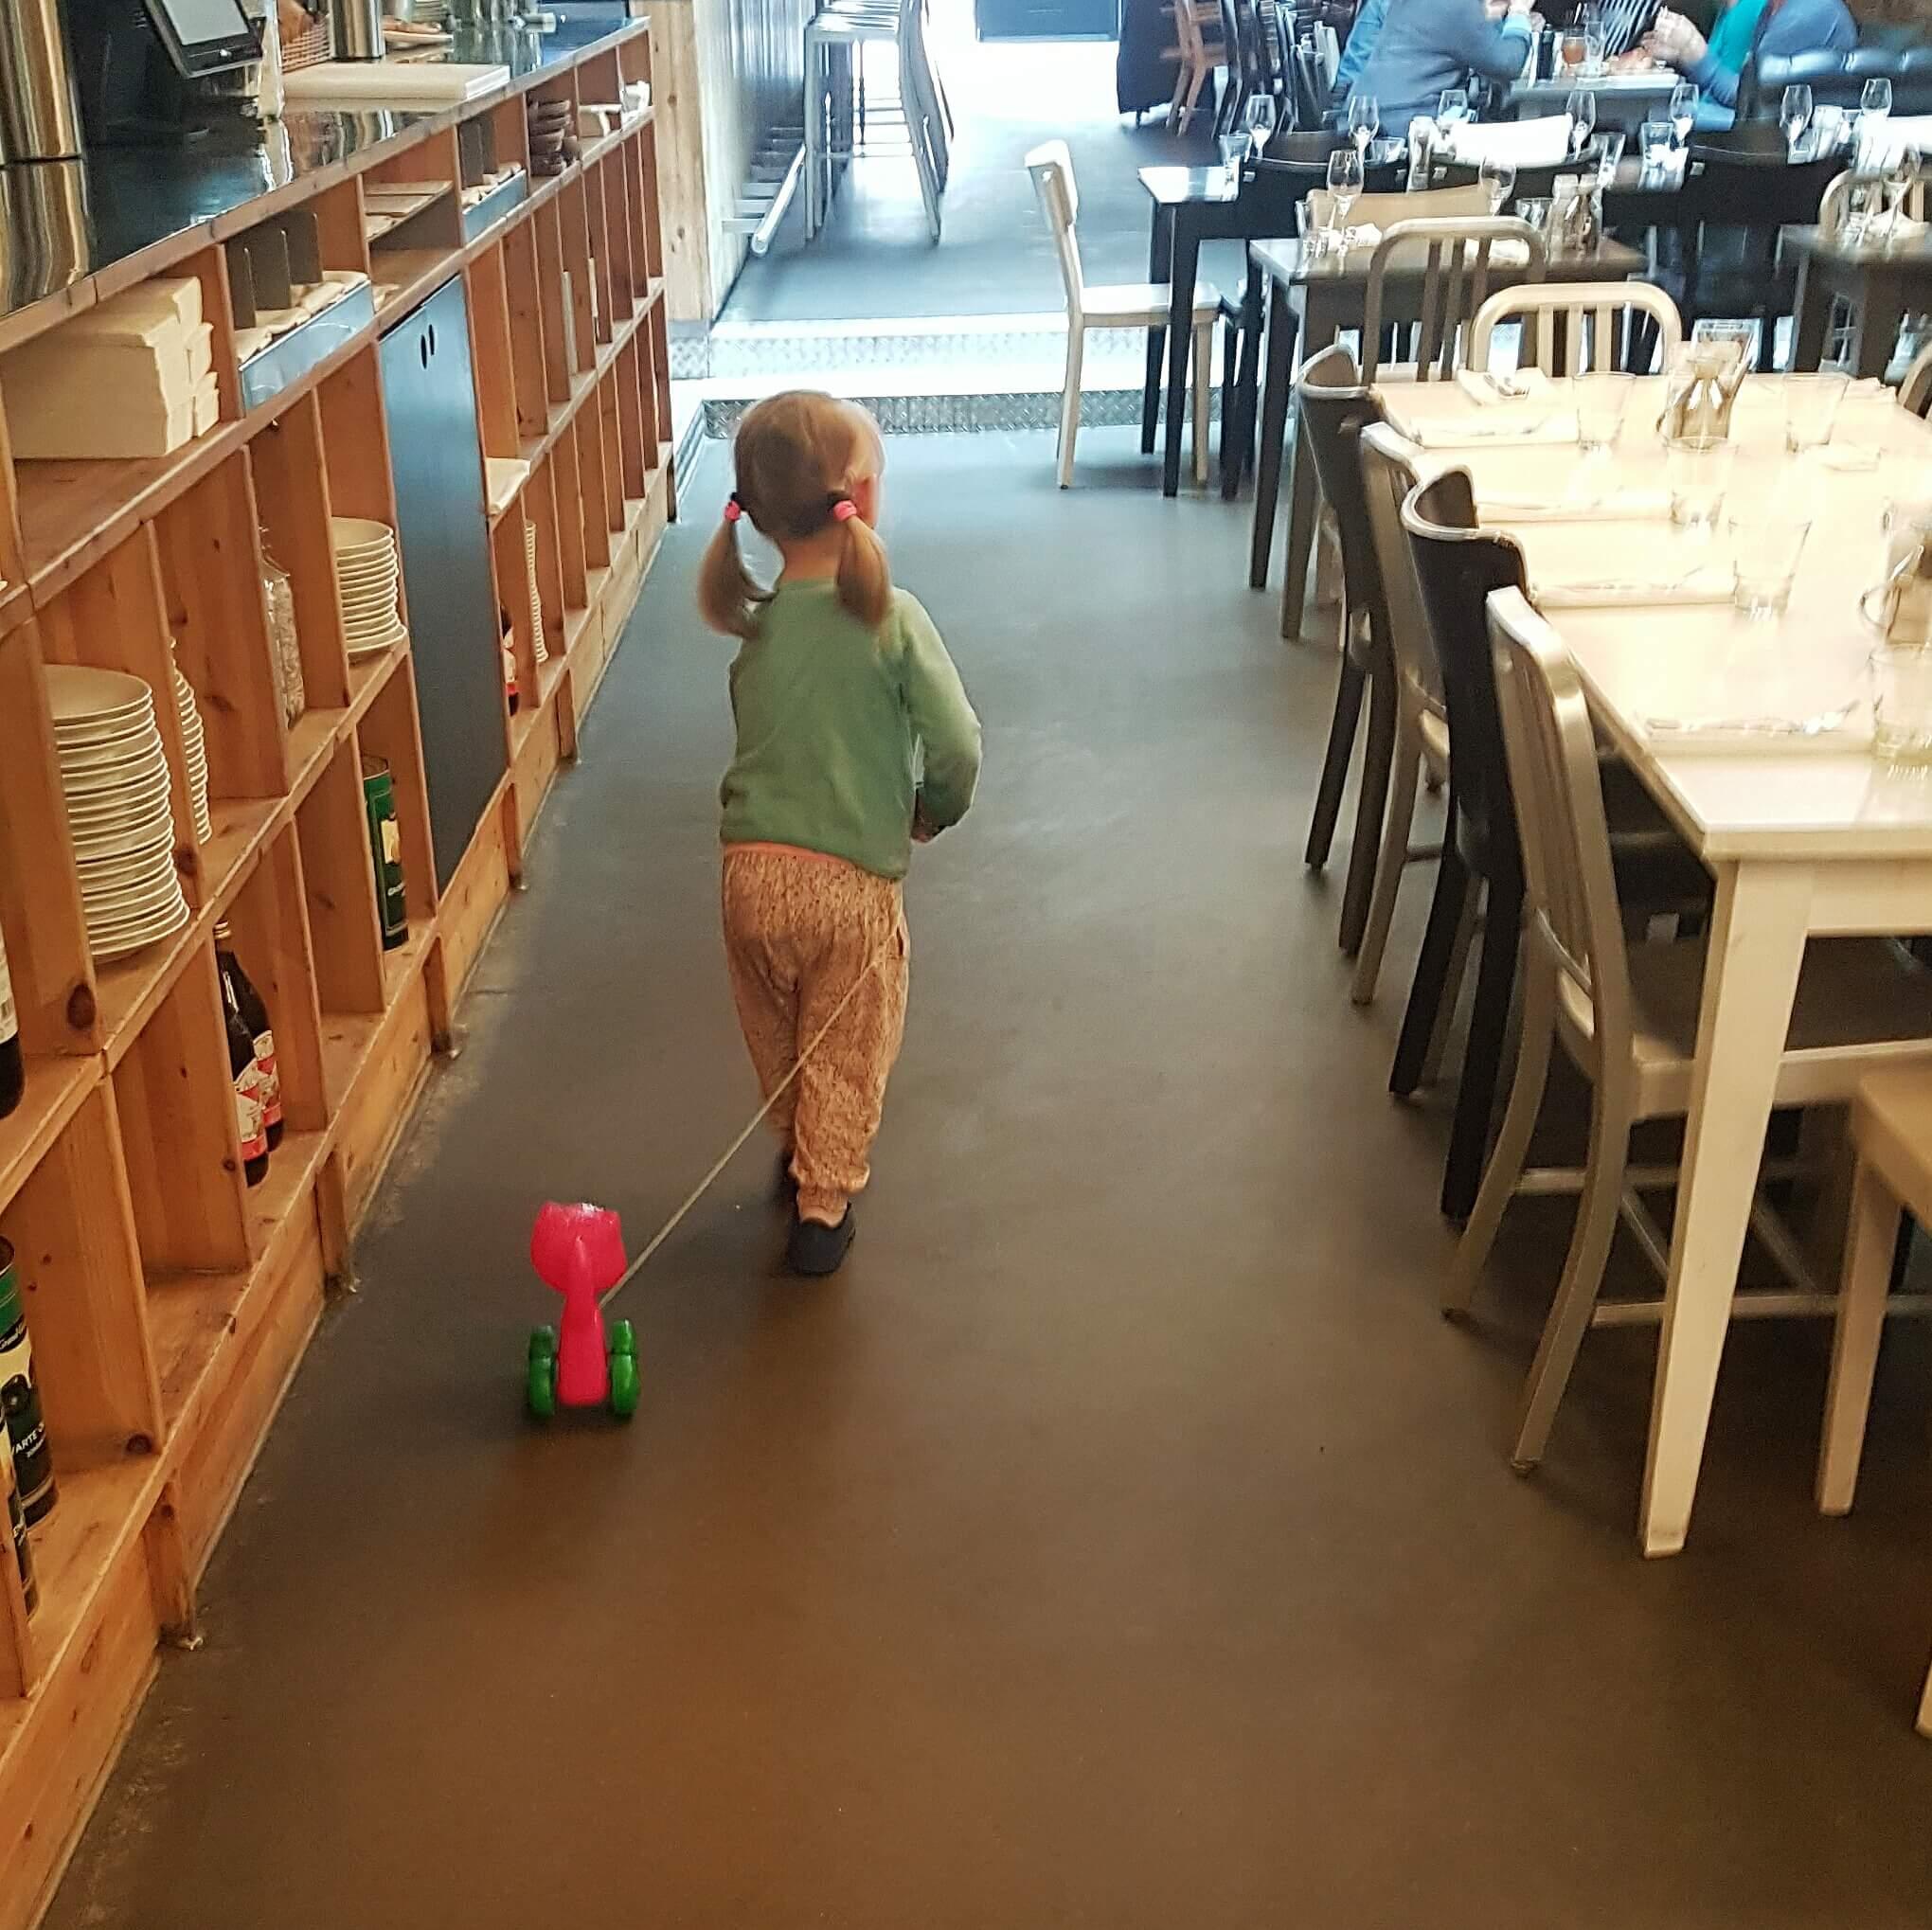 Samen met dochterlief shoppen Amsterdam: een nieuwe fase -Mazzo